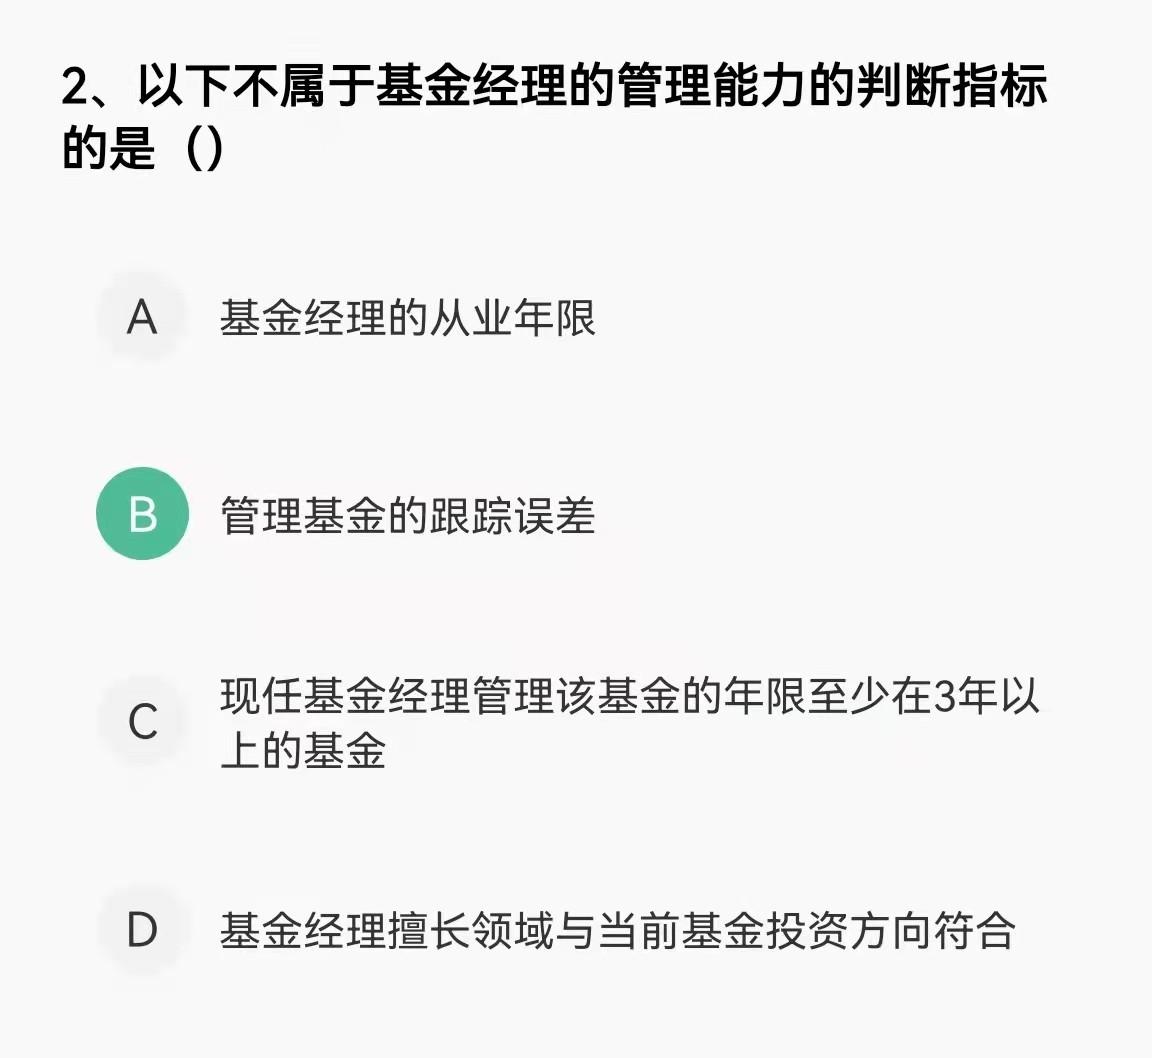 考试2-7题,小白基金入门基础知识试题